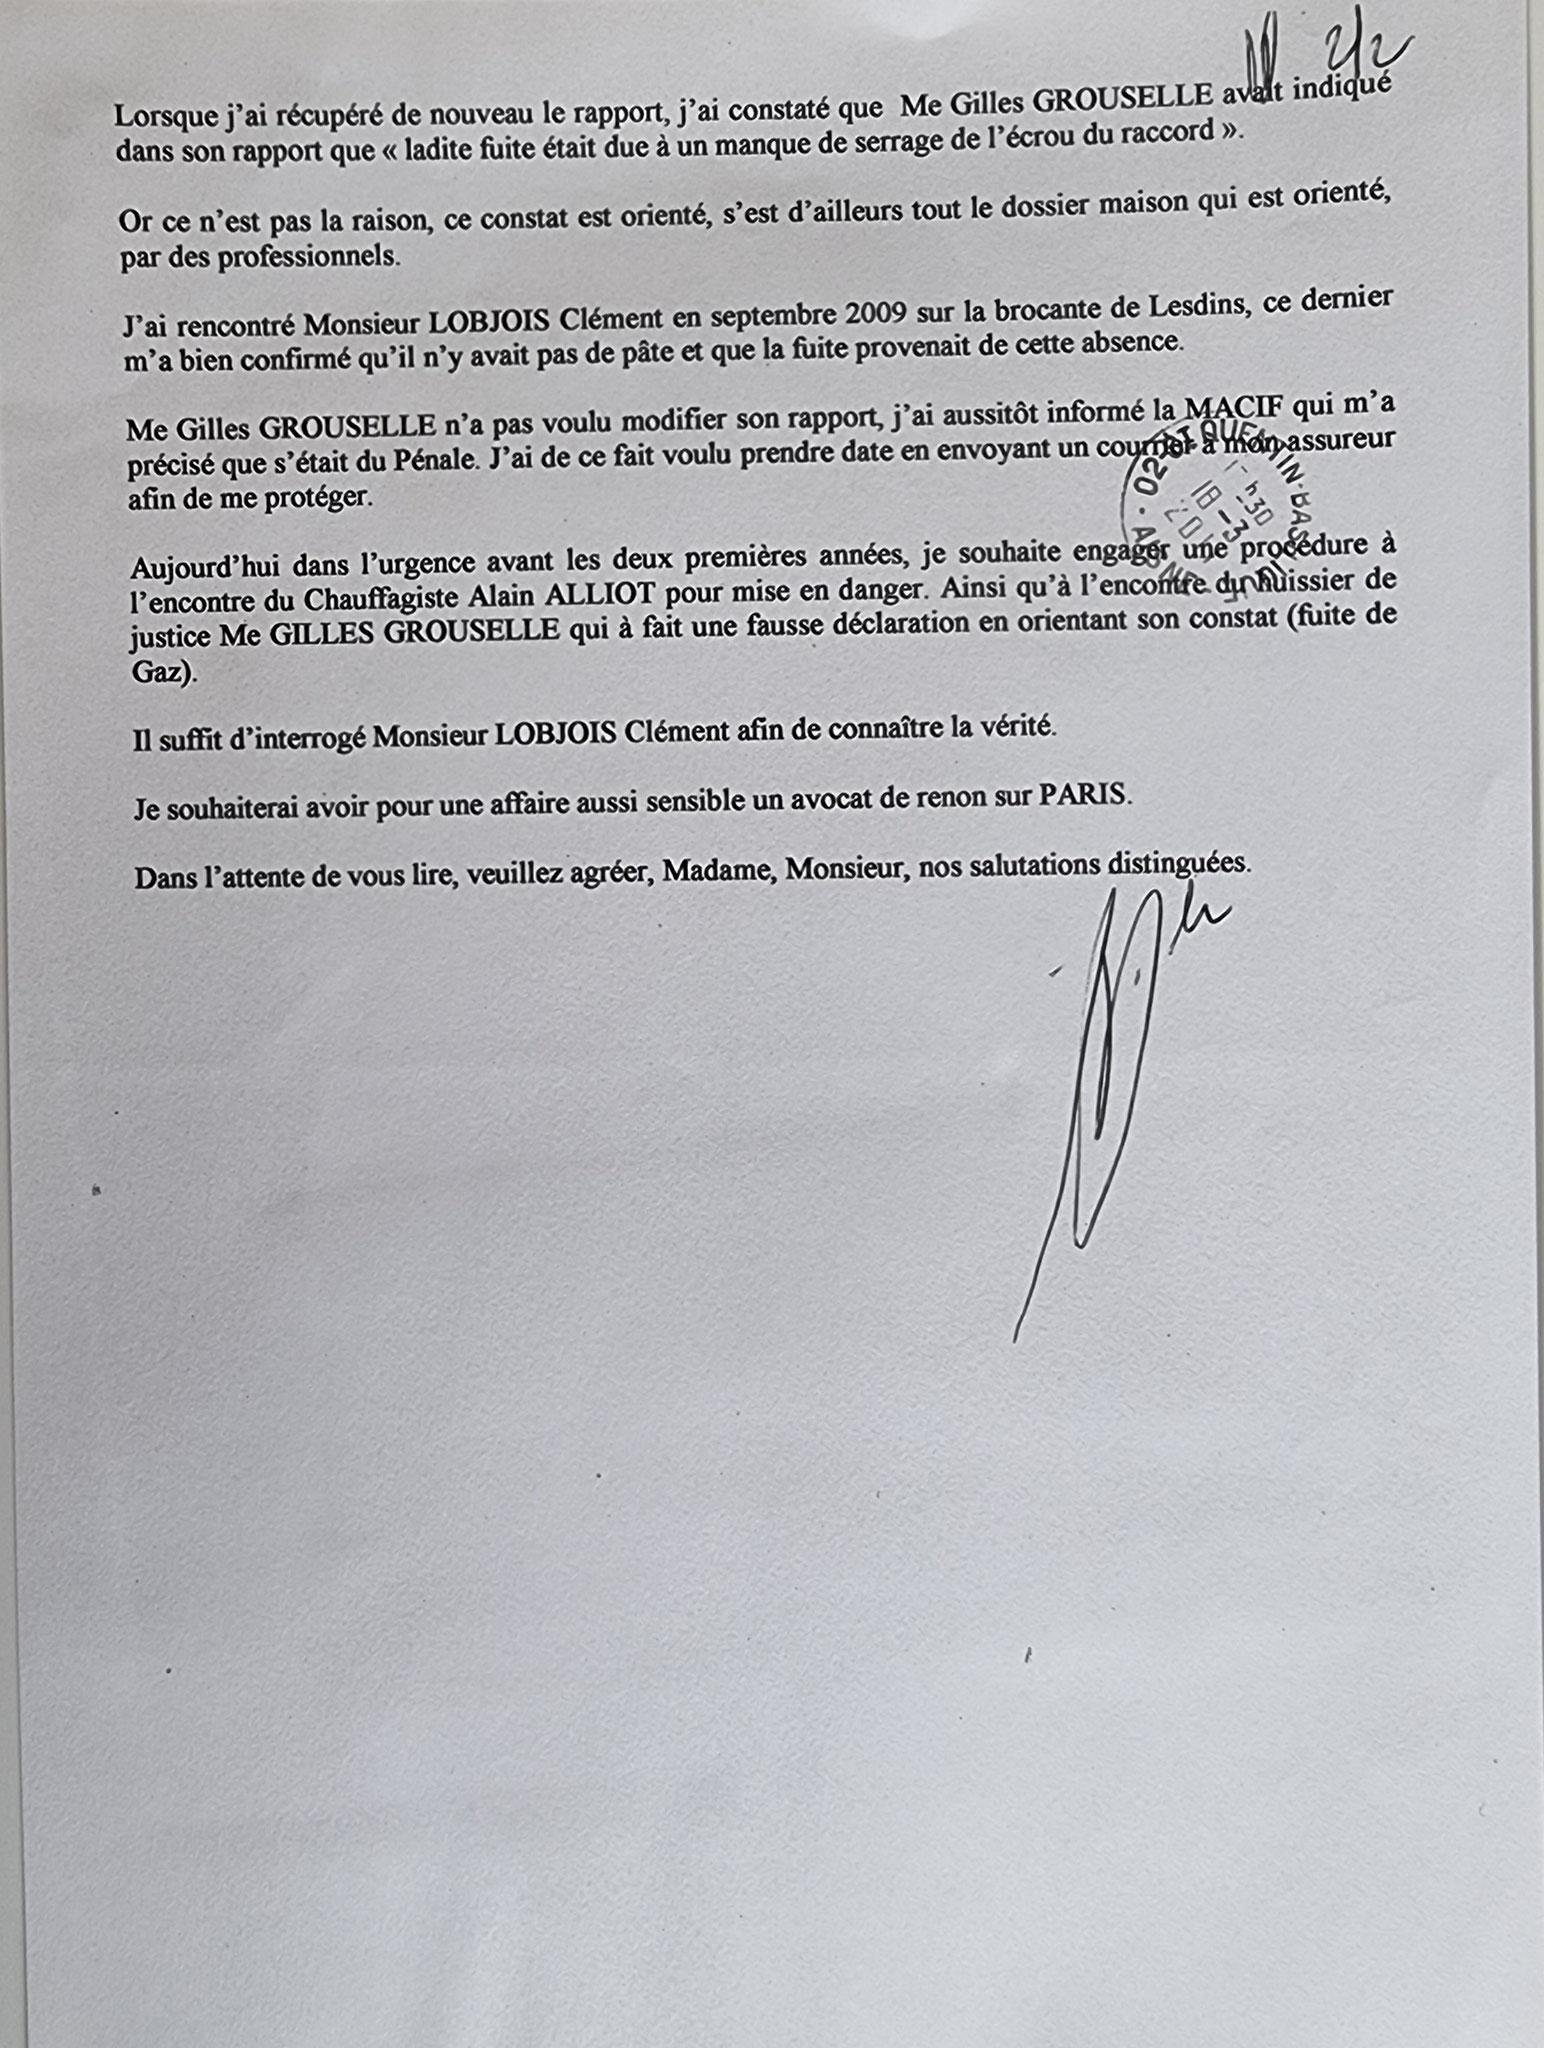 Le 18 Mars 2011 j'adresse une LRAR à ma protection Juridique CGE ASSURANCES que j'ai souscrite à la CAISSE D'EPARGNE de Picardie soit deux pages.     INACCEPTABLE  BORDERLINE    EXPERTISES JUDICIAIRES ENTRE COPAINS...  www.jesuispatrick.fr